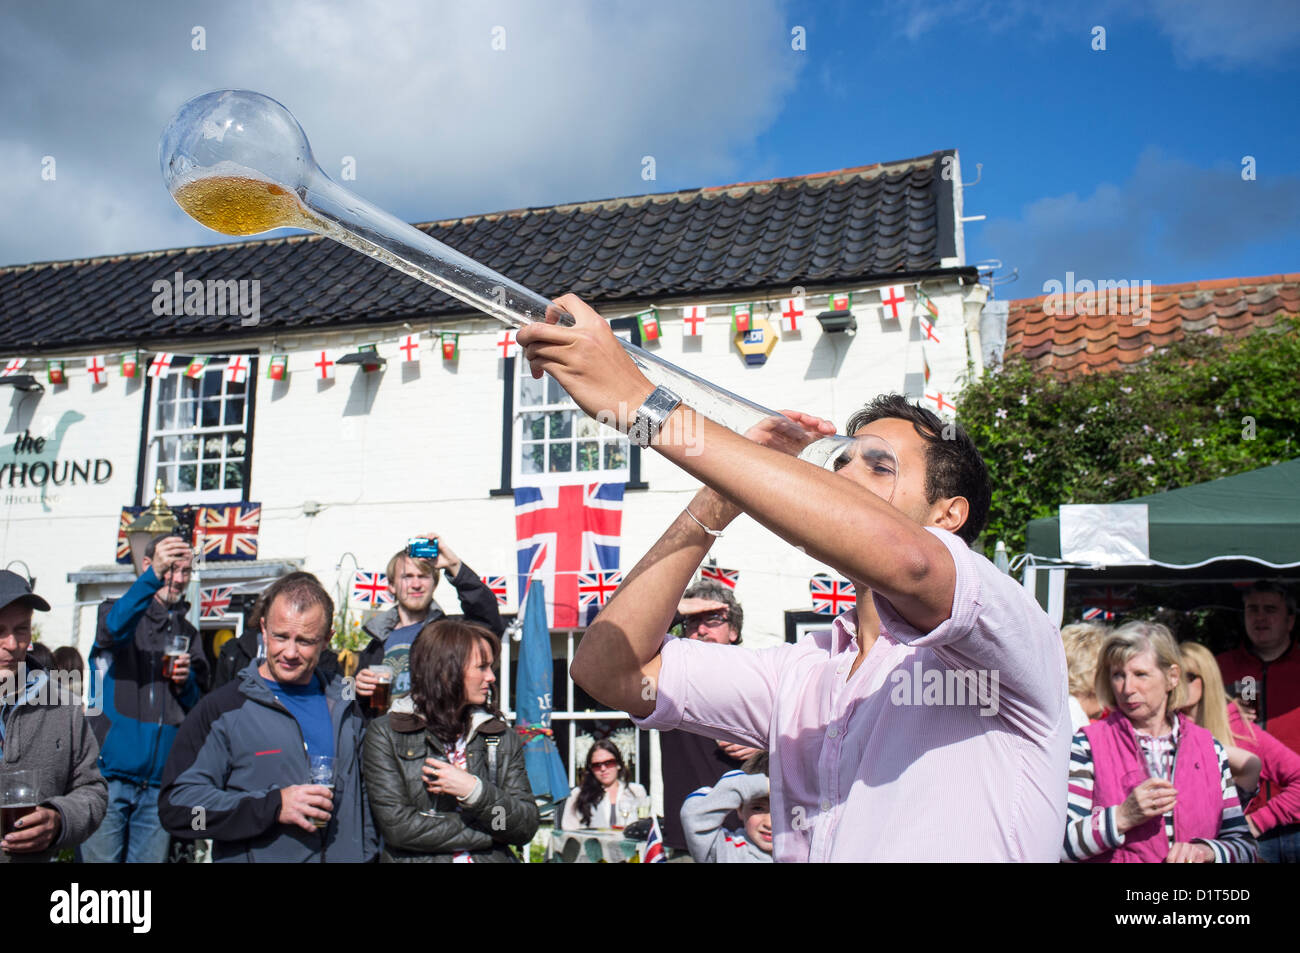 Jeune homme de cour Potable de Ale au Village Pub pendant les célébrations Jubille de diamant de la Reine Photo Stock